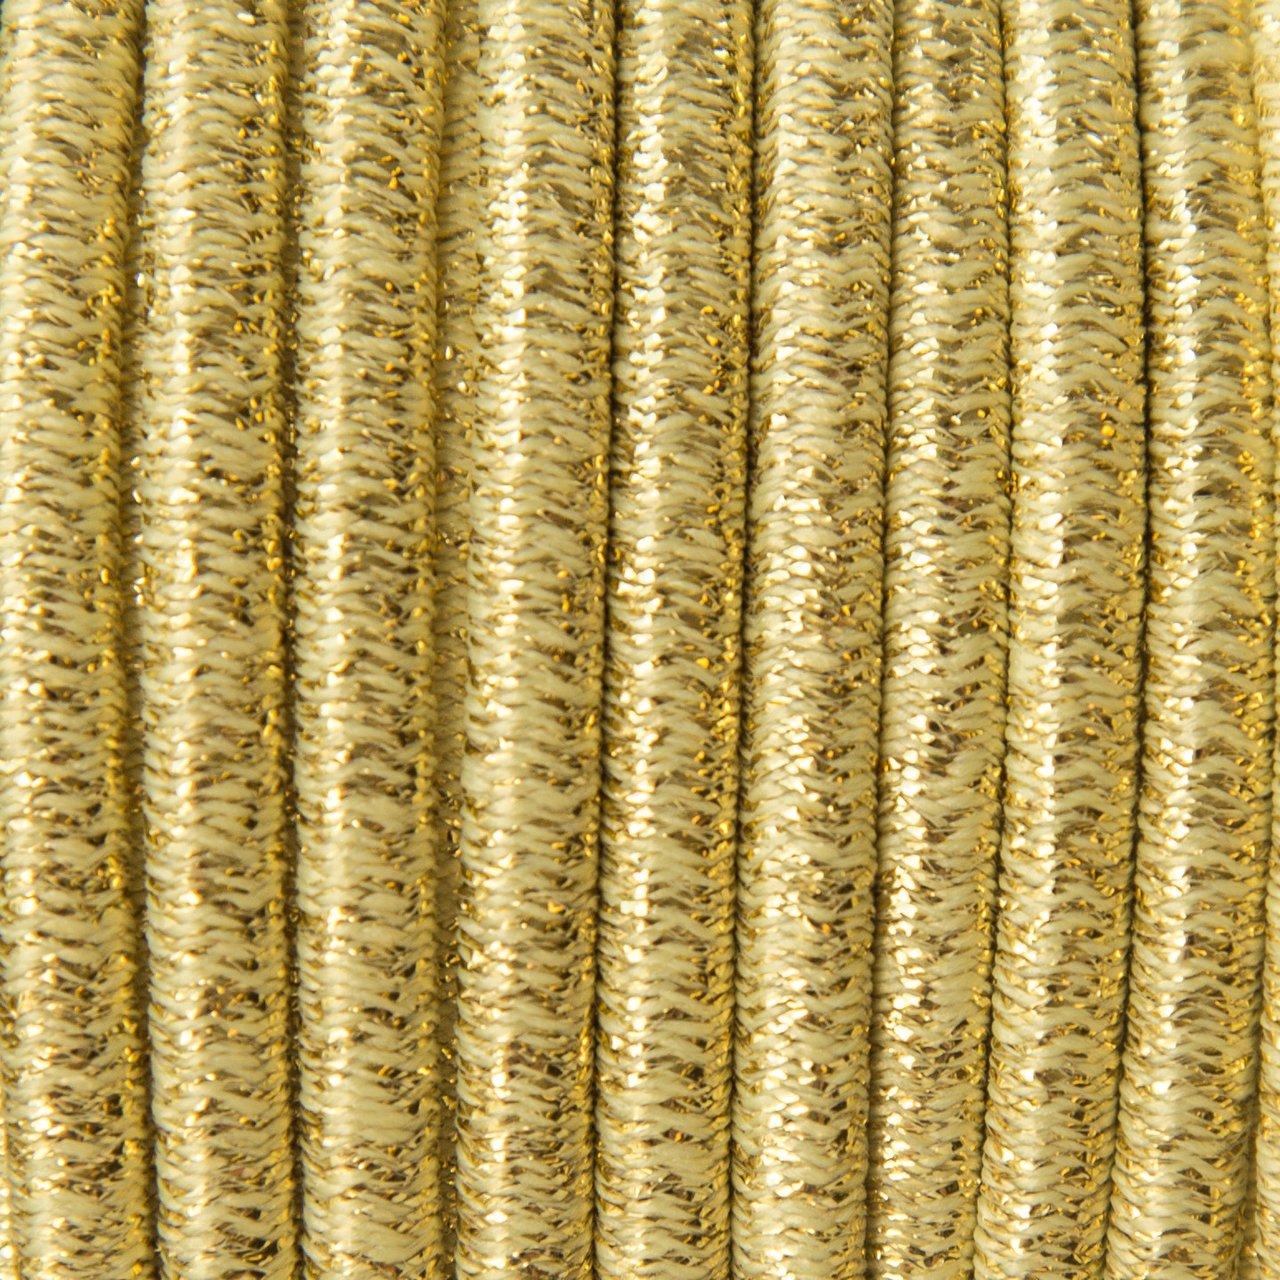 Bling Bling Gold - Shock Cord 5 mm